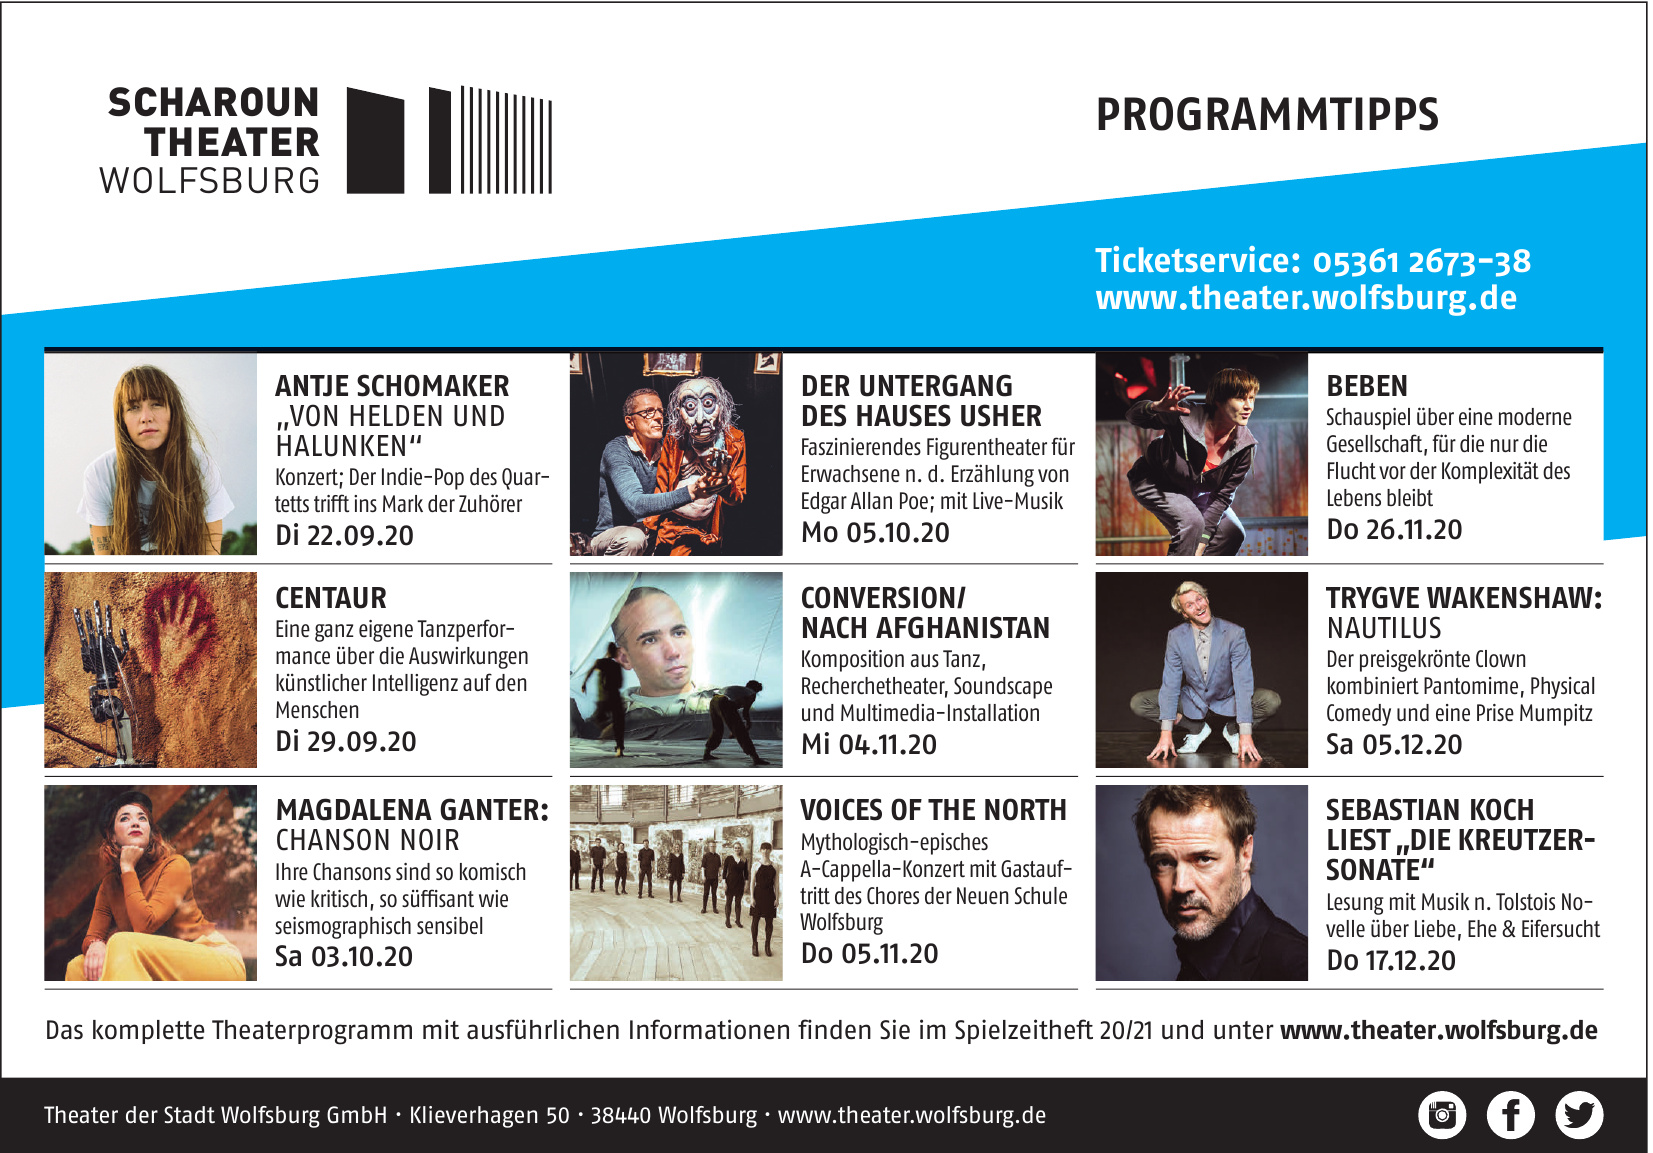 Theater der Stadt Wolfsburg GmbH